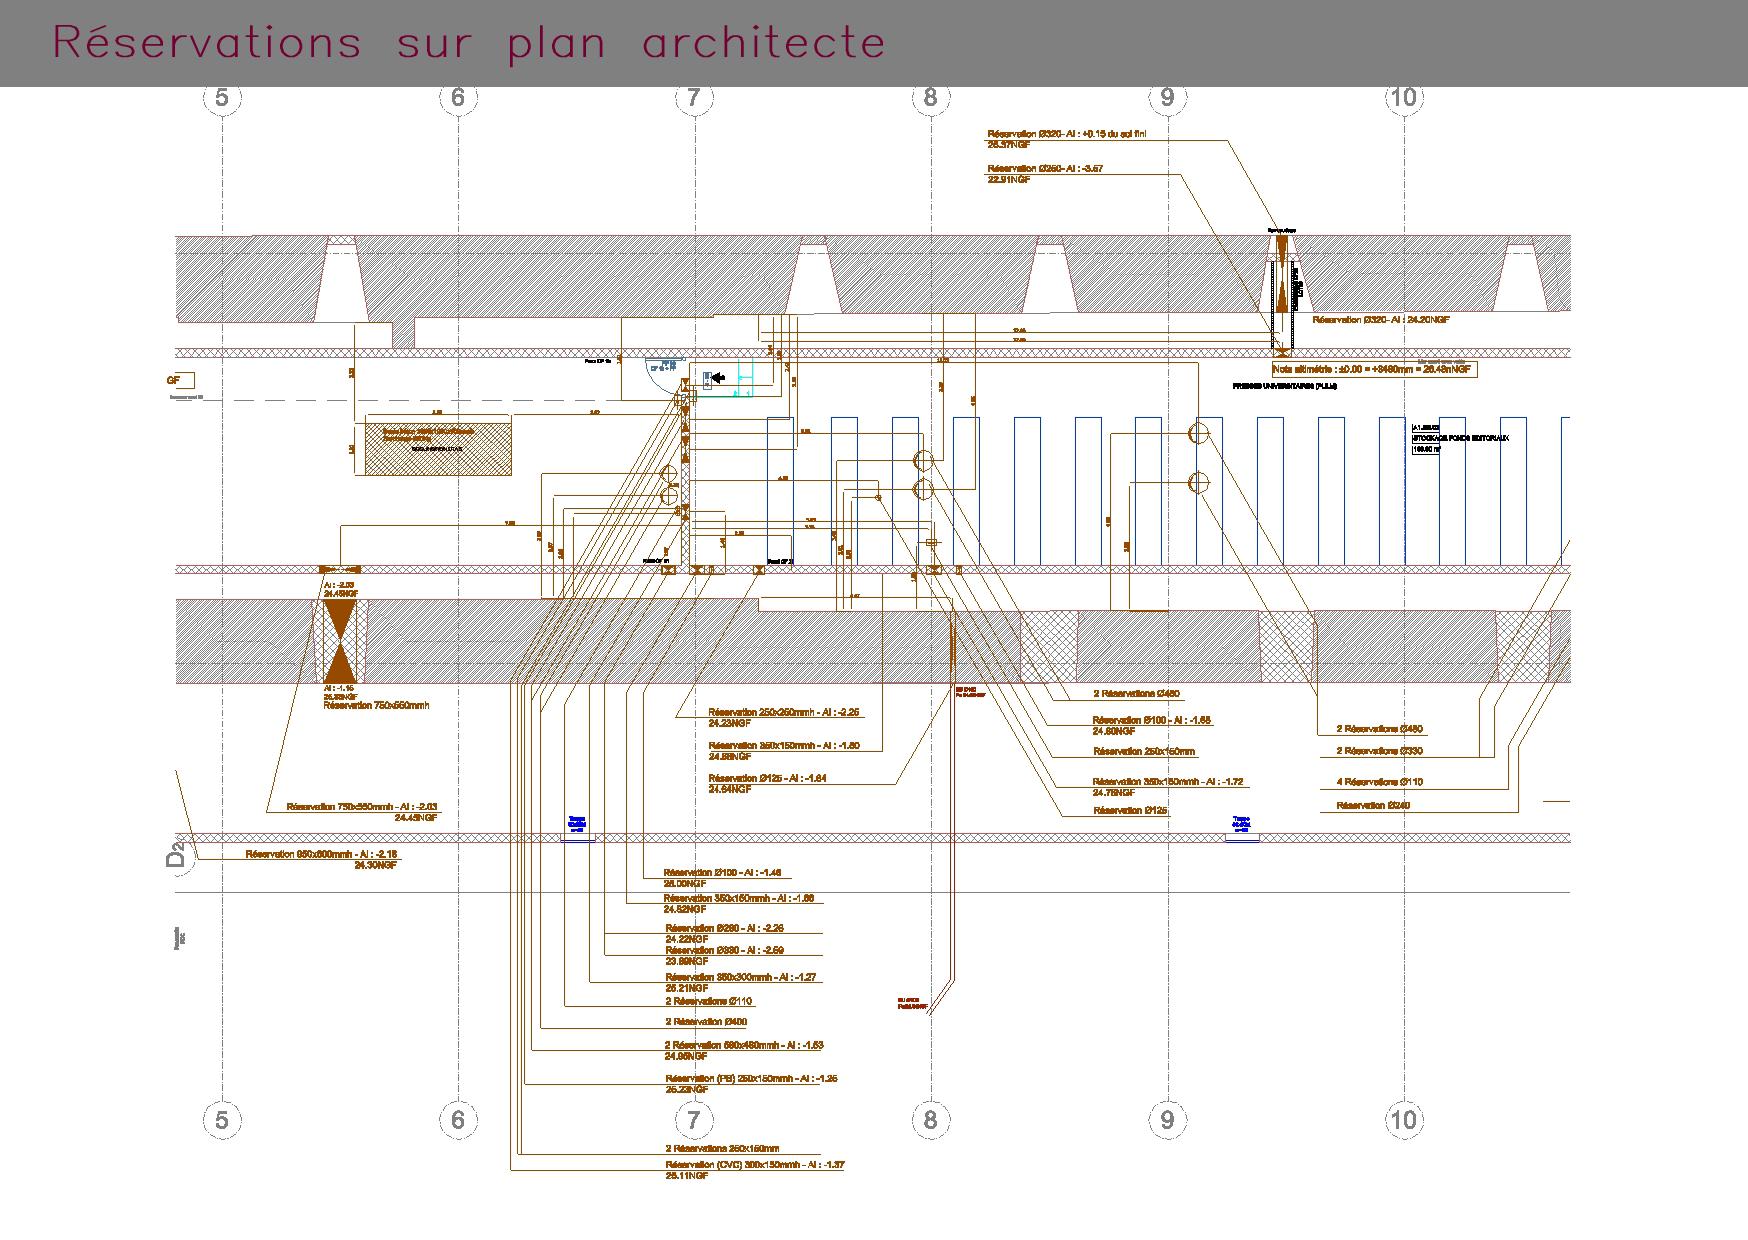 Plan de réservations basé sur un plan d'architecte